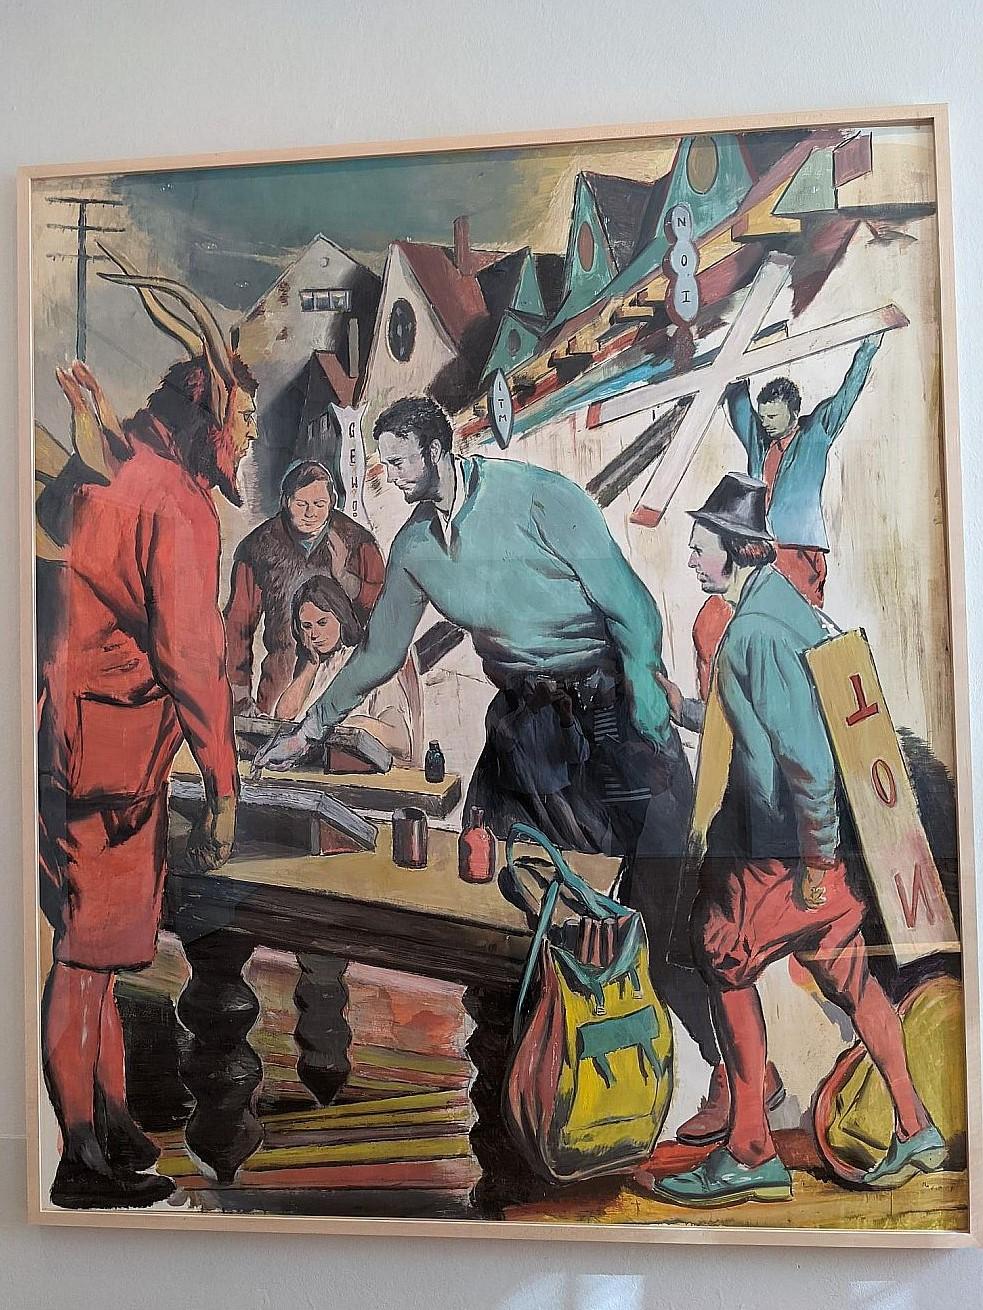 kunst-in-der-ddr-vom-sozialistischen-realismus-zum-neokonservatismus